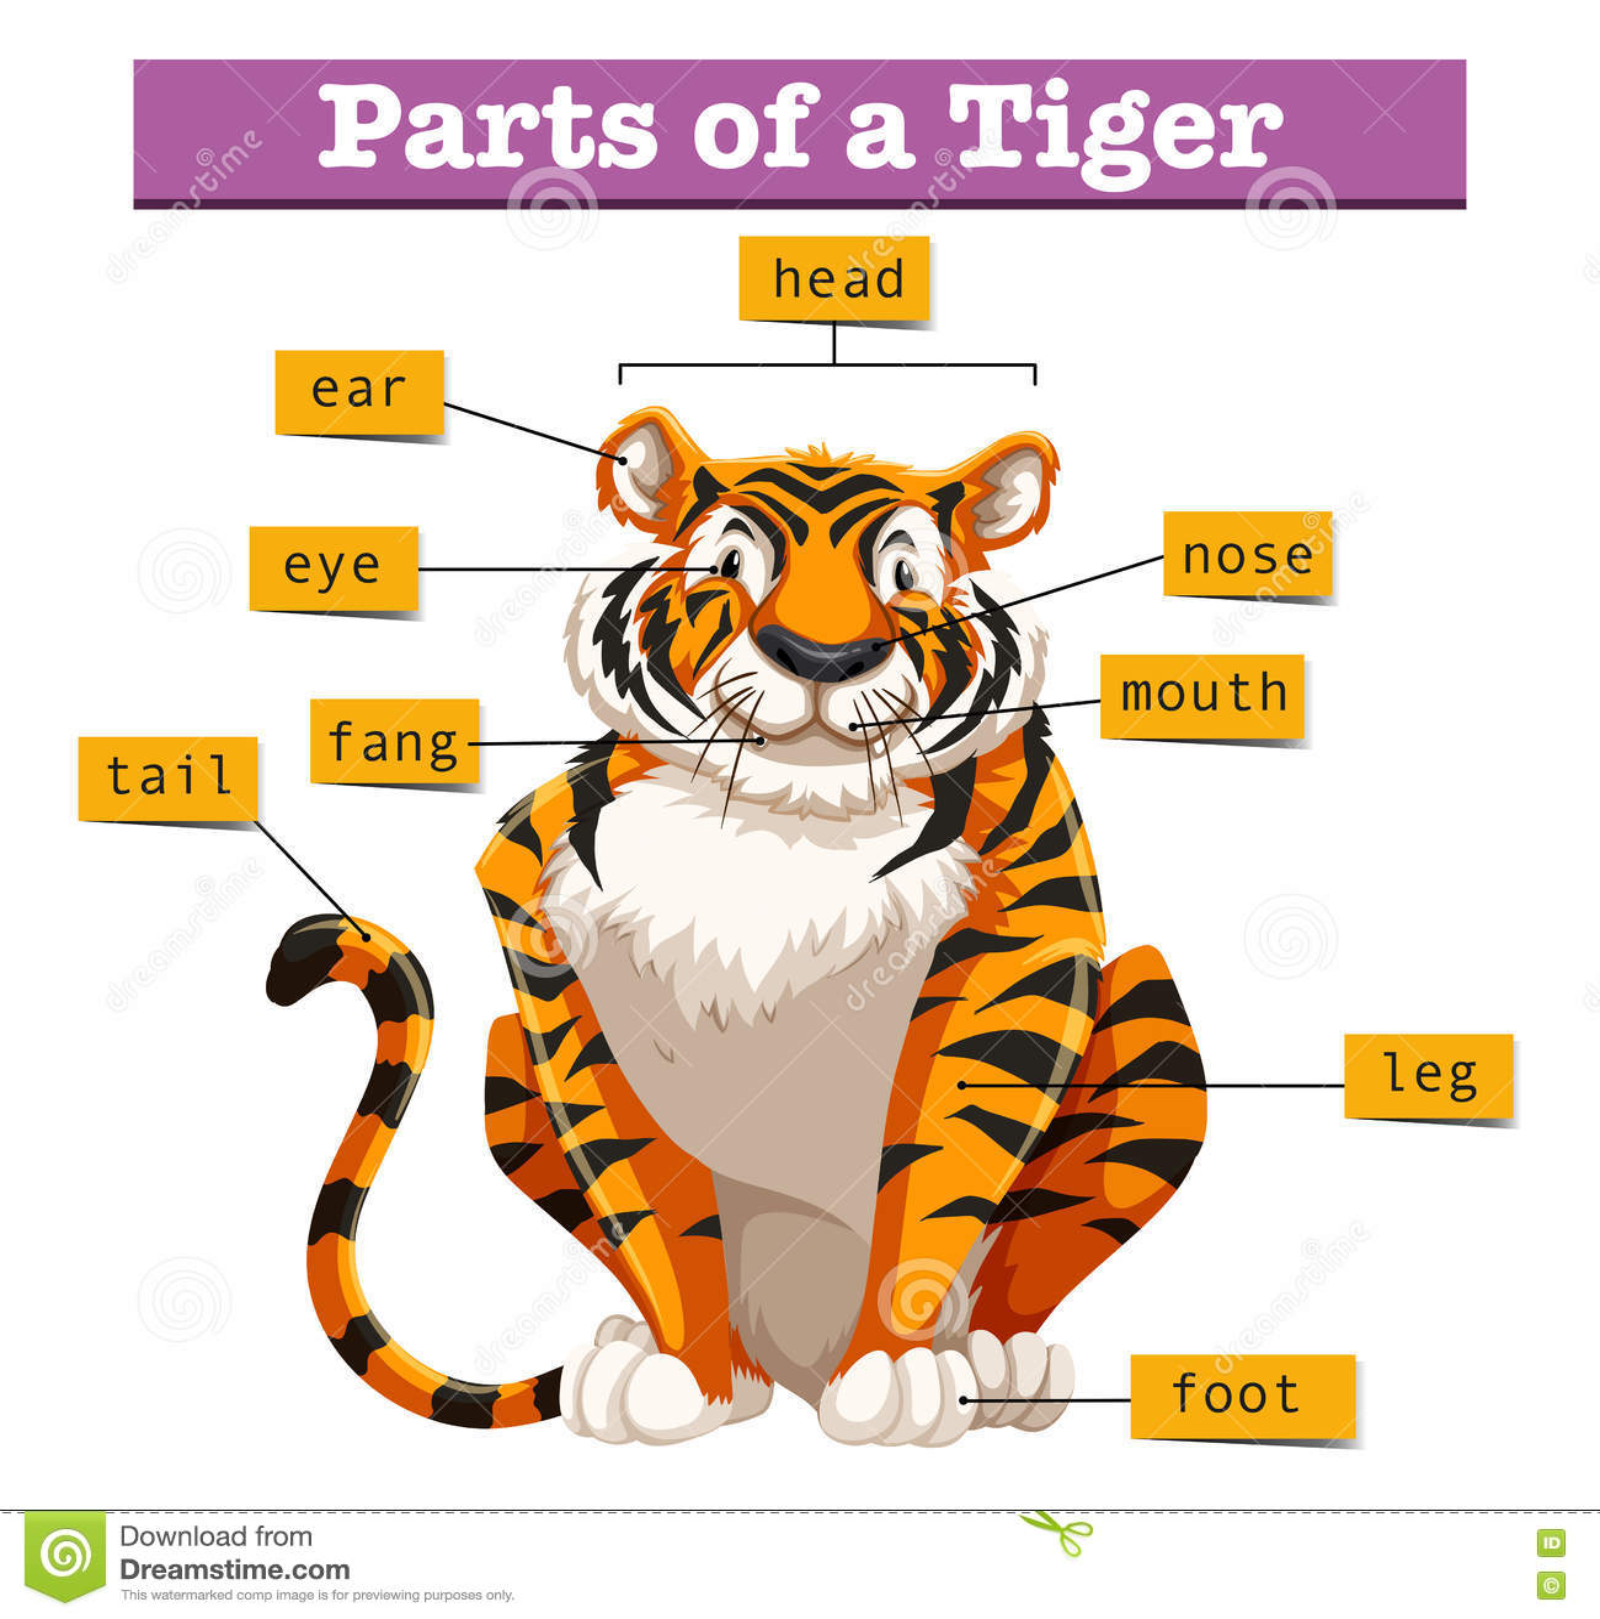 Diagrama Que Muestra Partes Del Tigre Ilustración del Vector ...